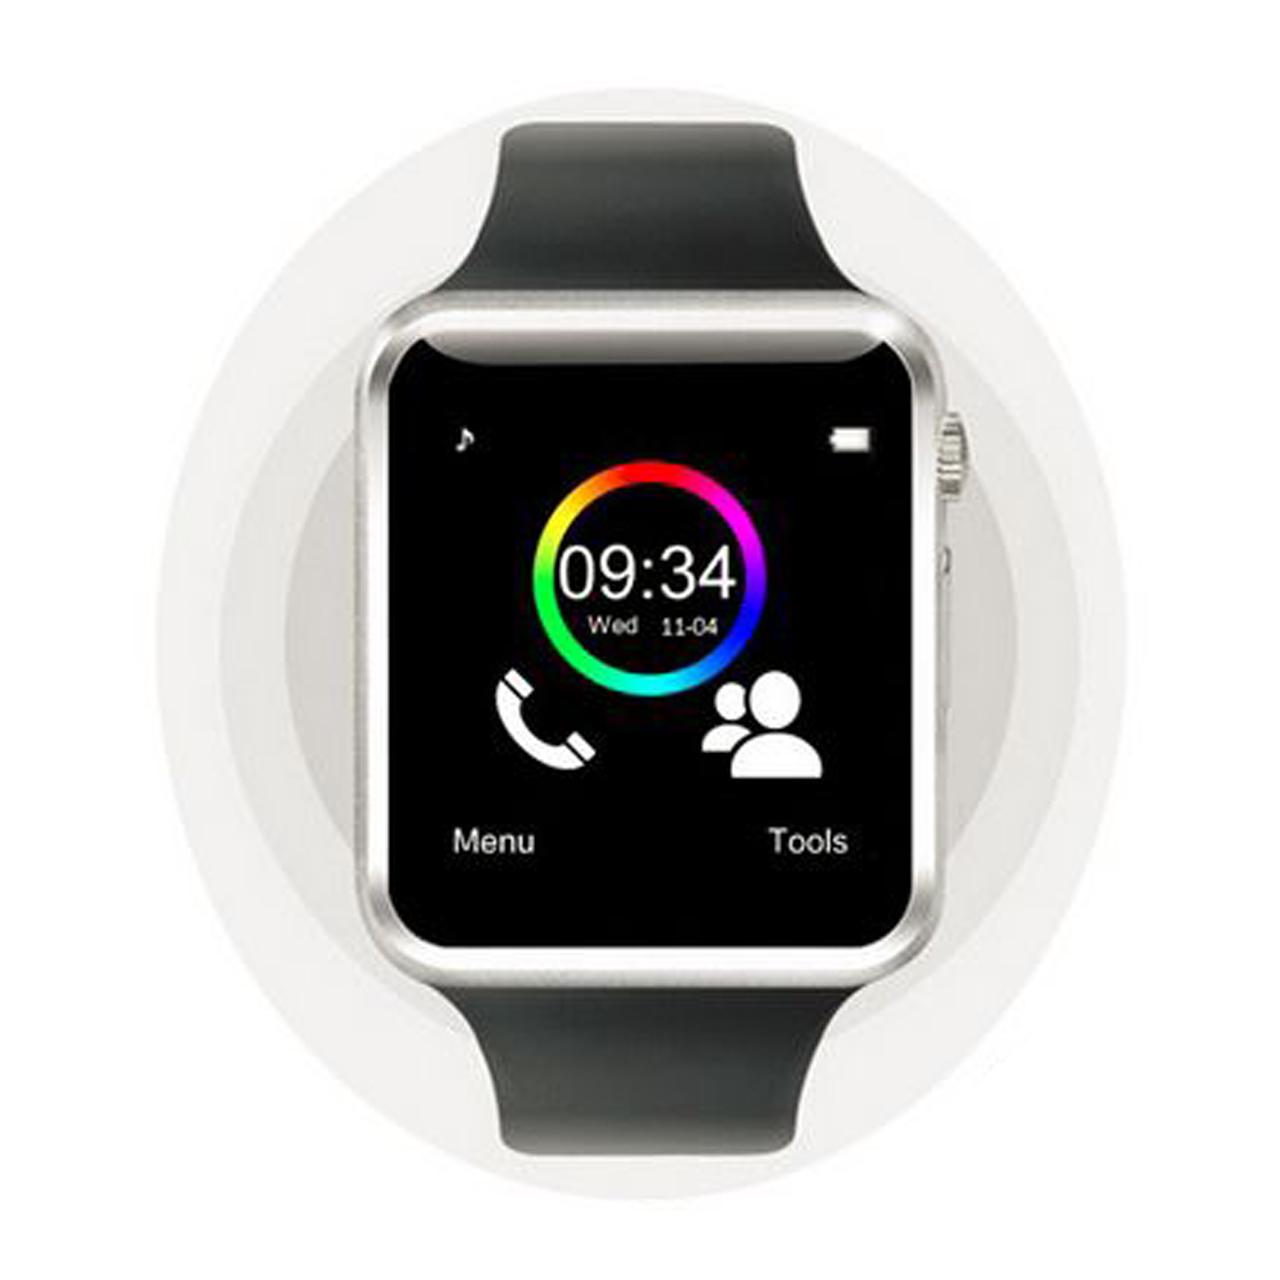 خرید ساعت هوشمند مدل A1 همراه هدفن بی سیم مدل I7